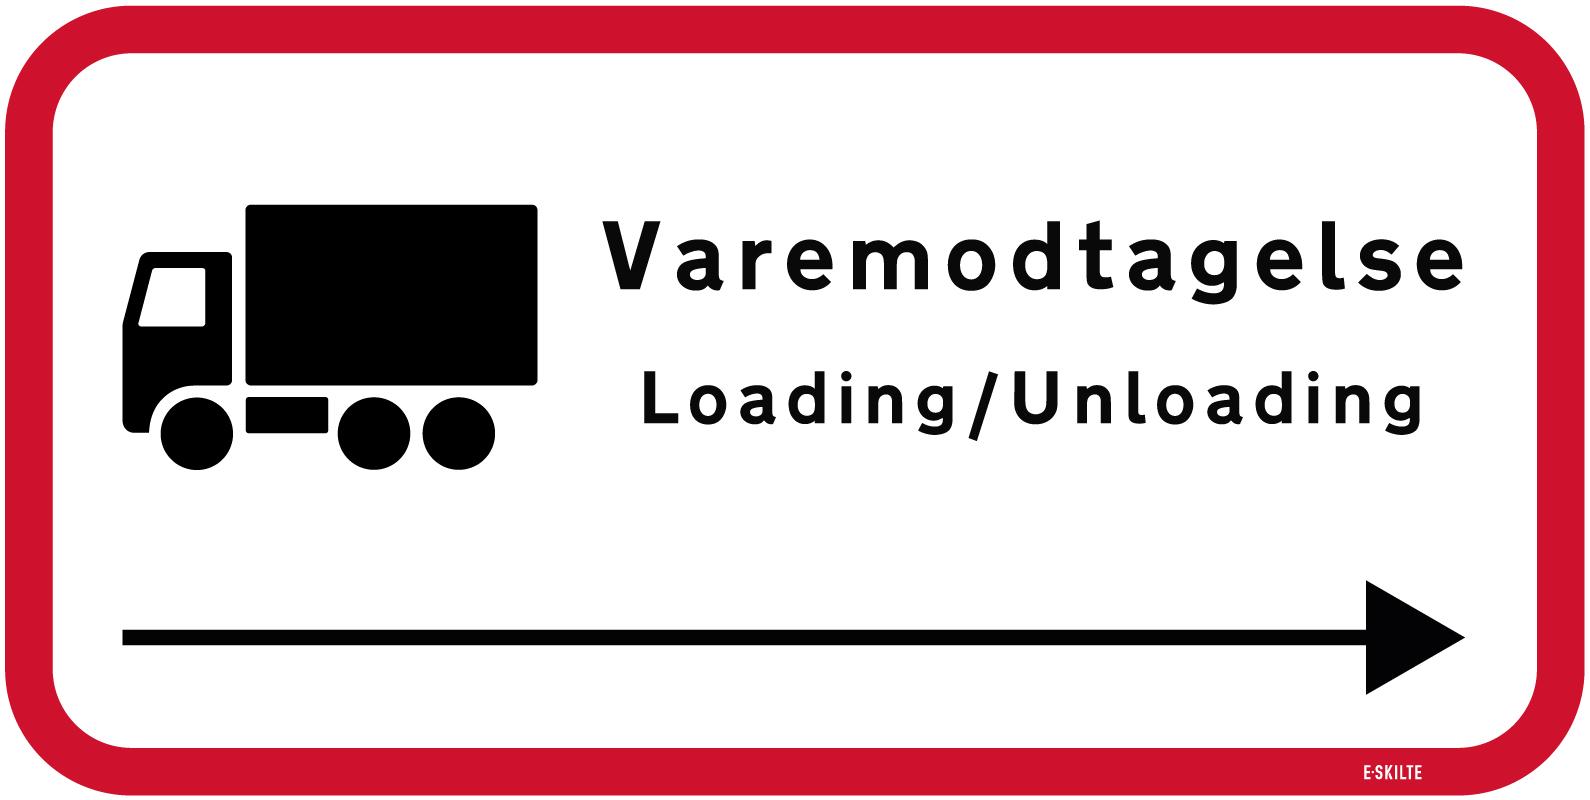 Varemodtagelse Loading/Unloading skilt